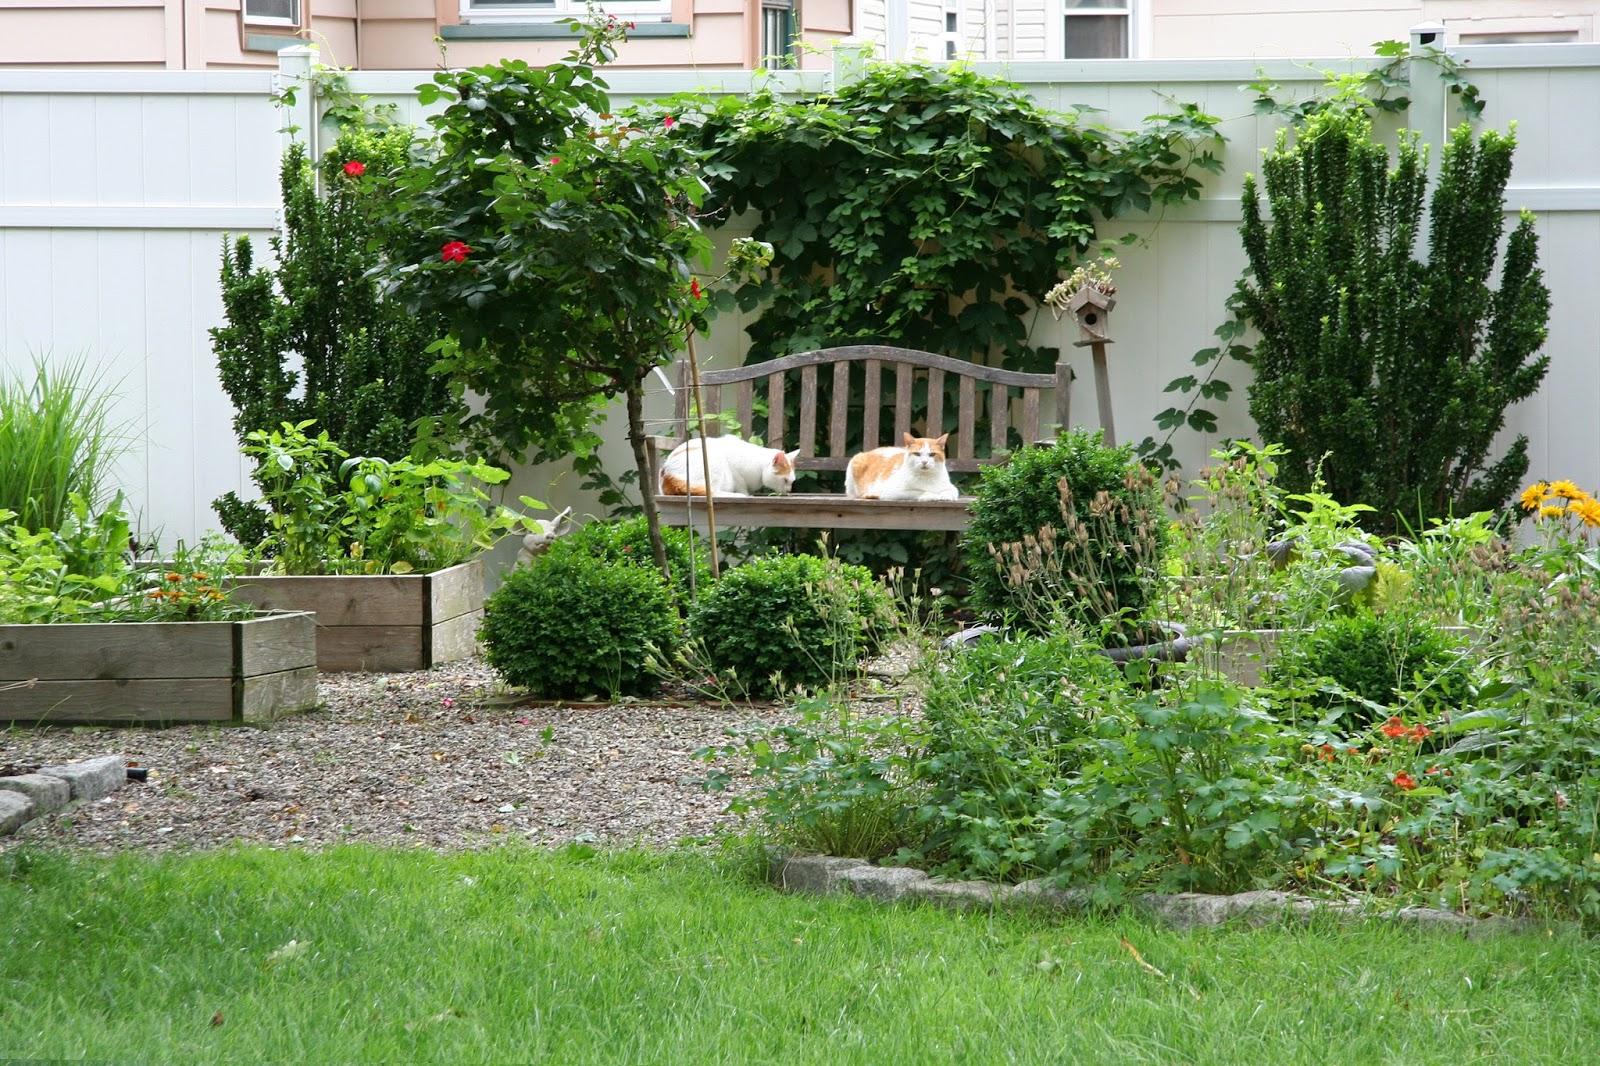 The Kitchen Garden Daffodils Daydreams The Kitchen Garden In June